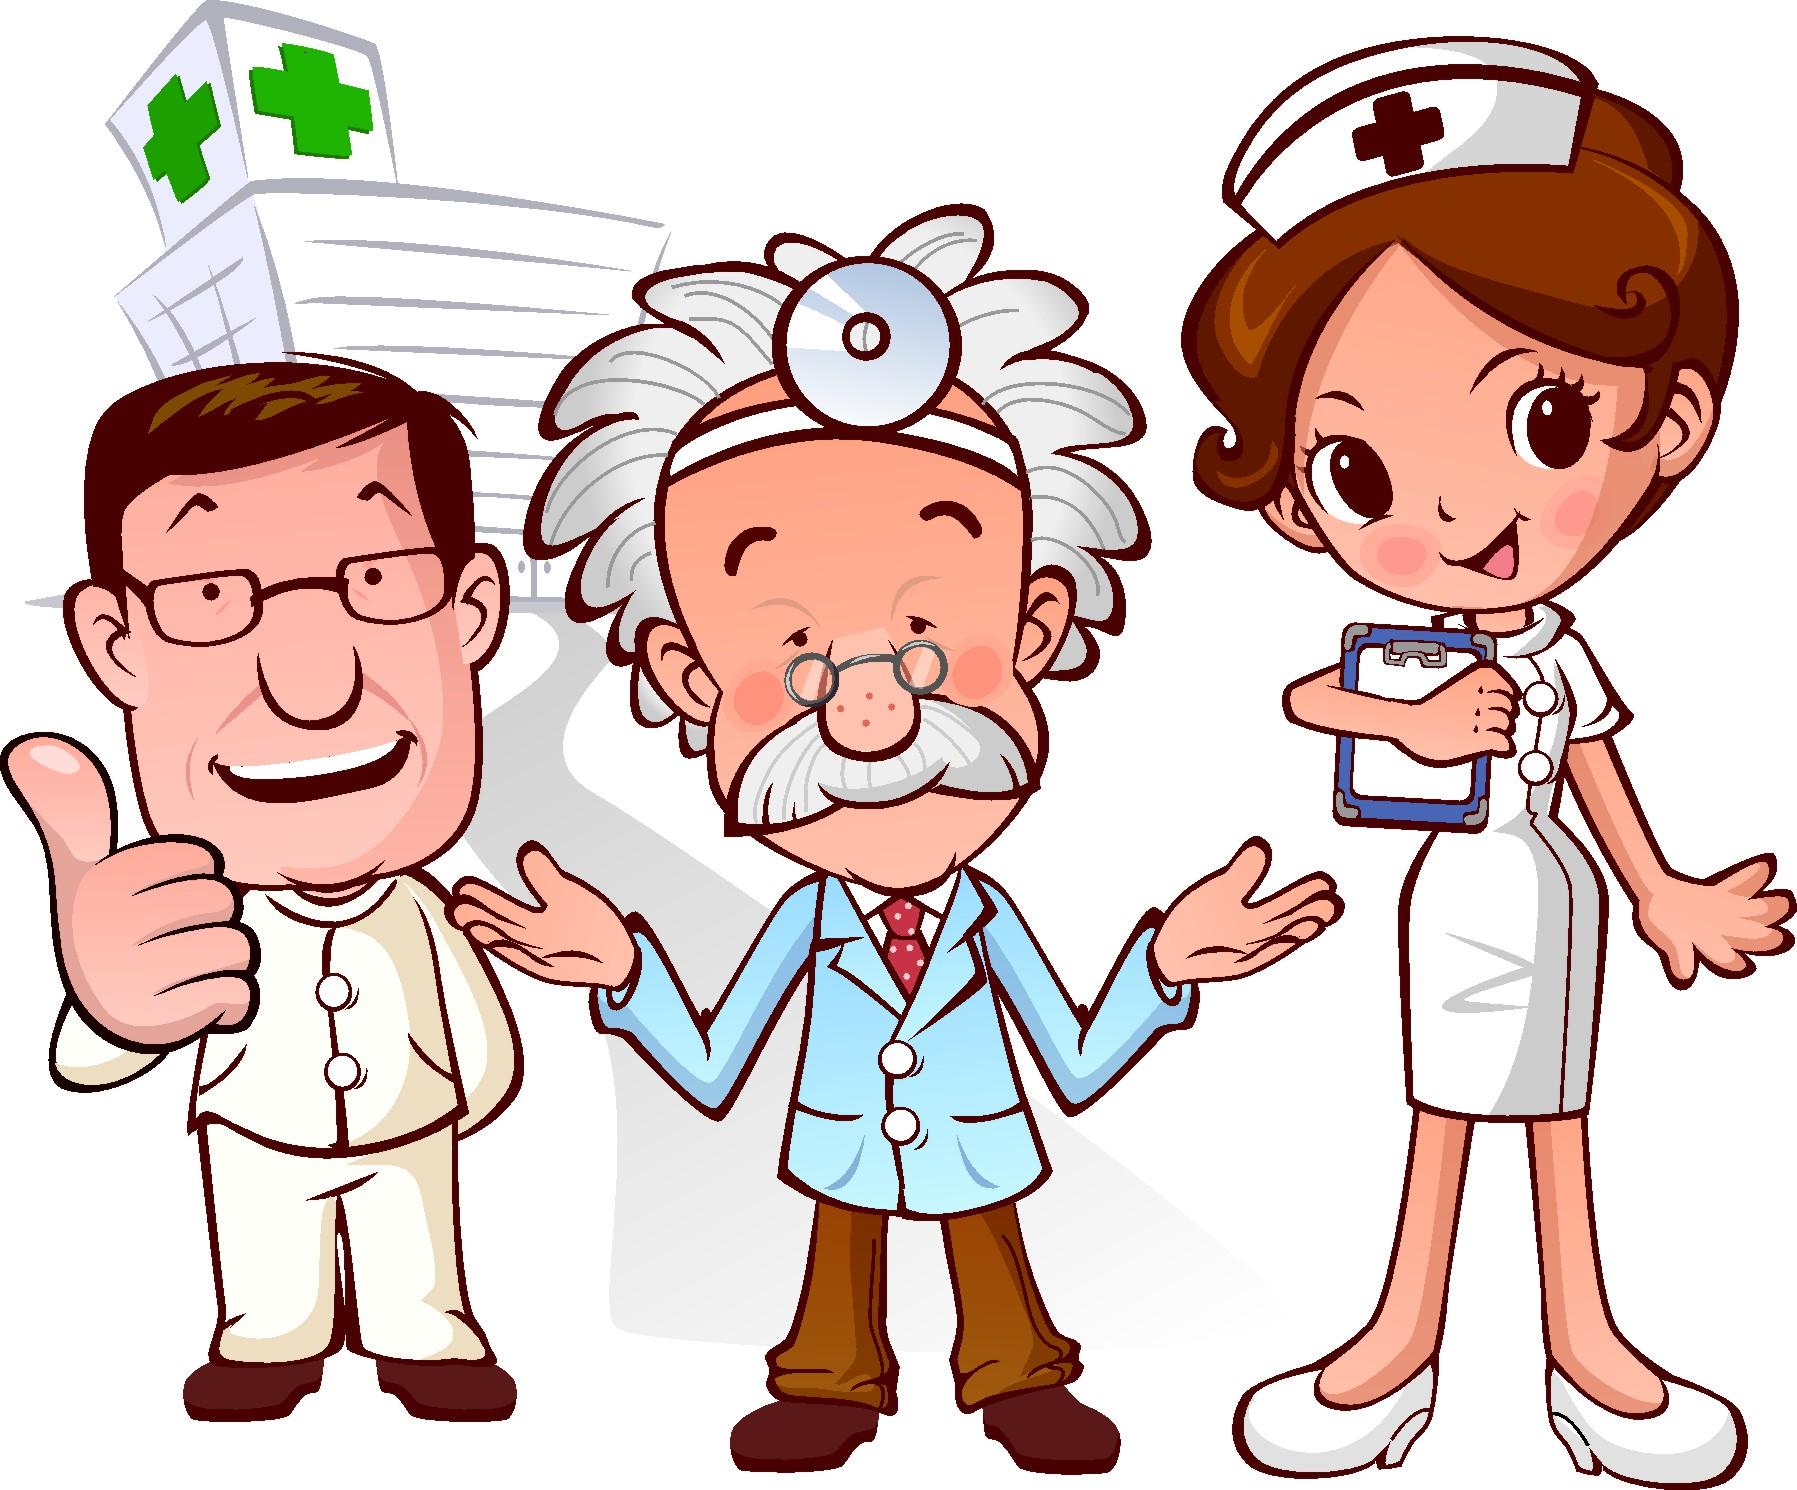 白癜风患者需避开的职业有哪些呢?